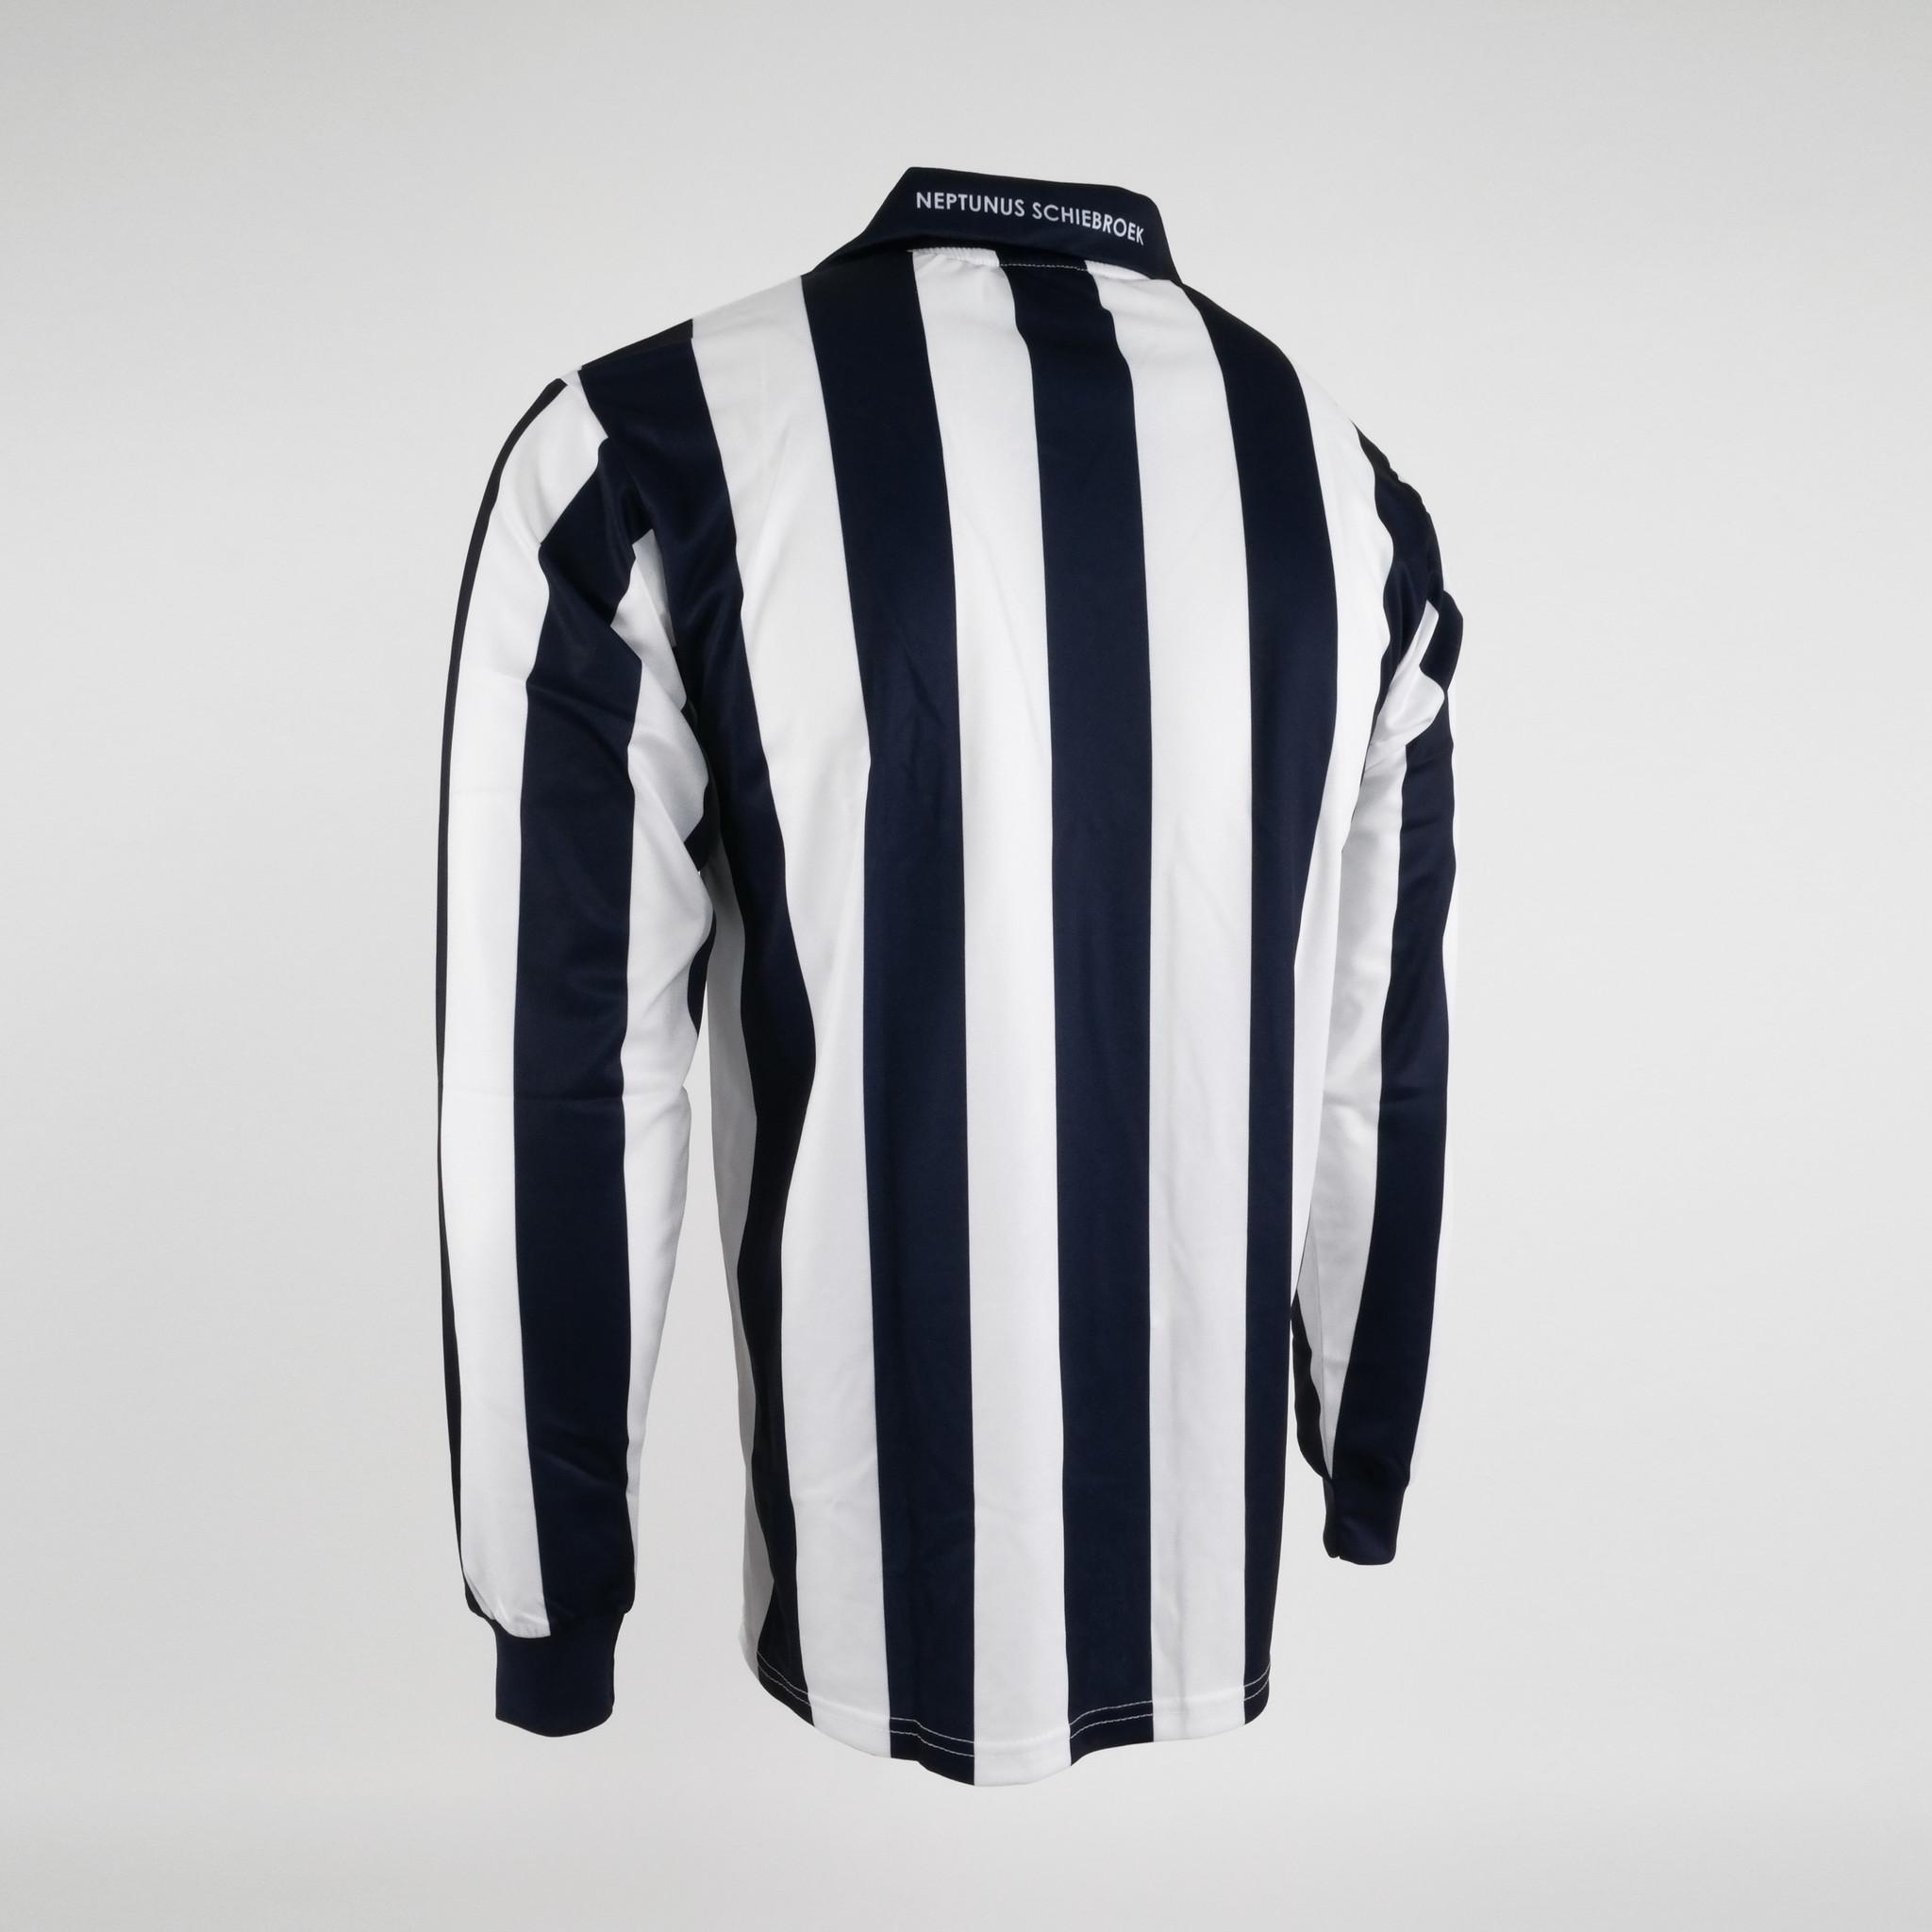 Klupp MAAT Neptunus shirt thuis